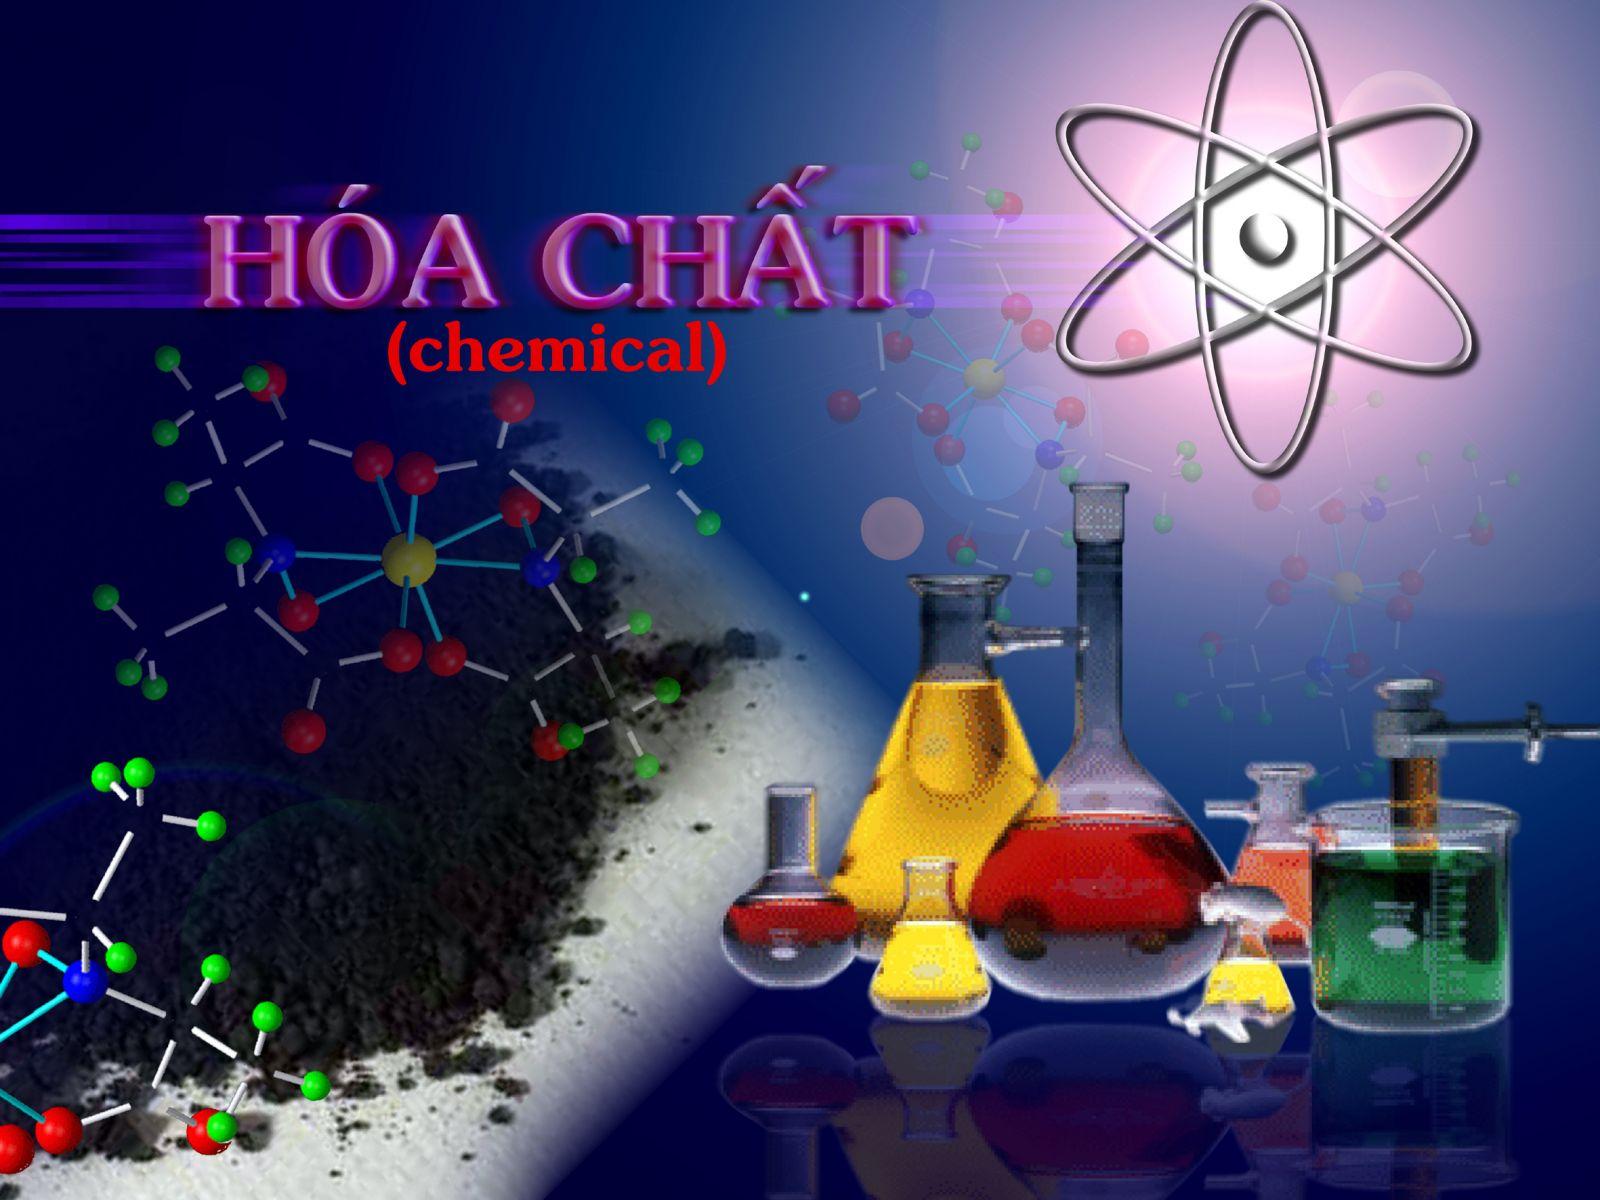 Hoa-chat-1